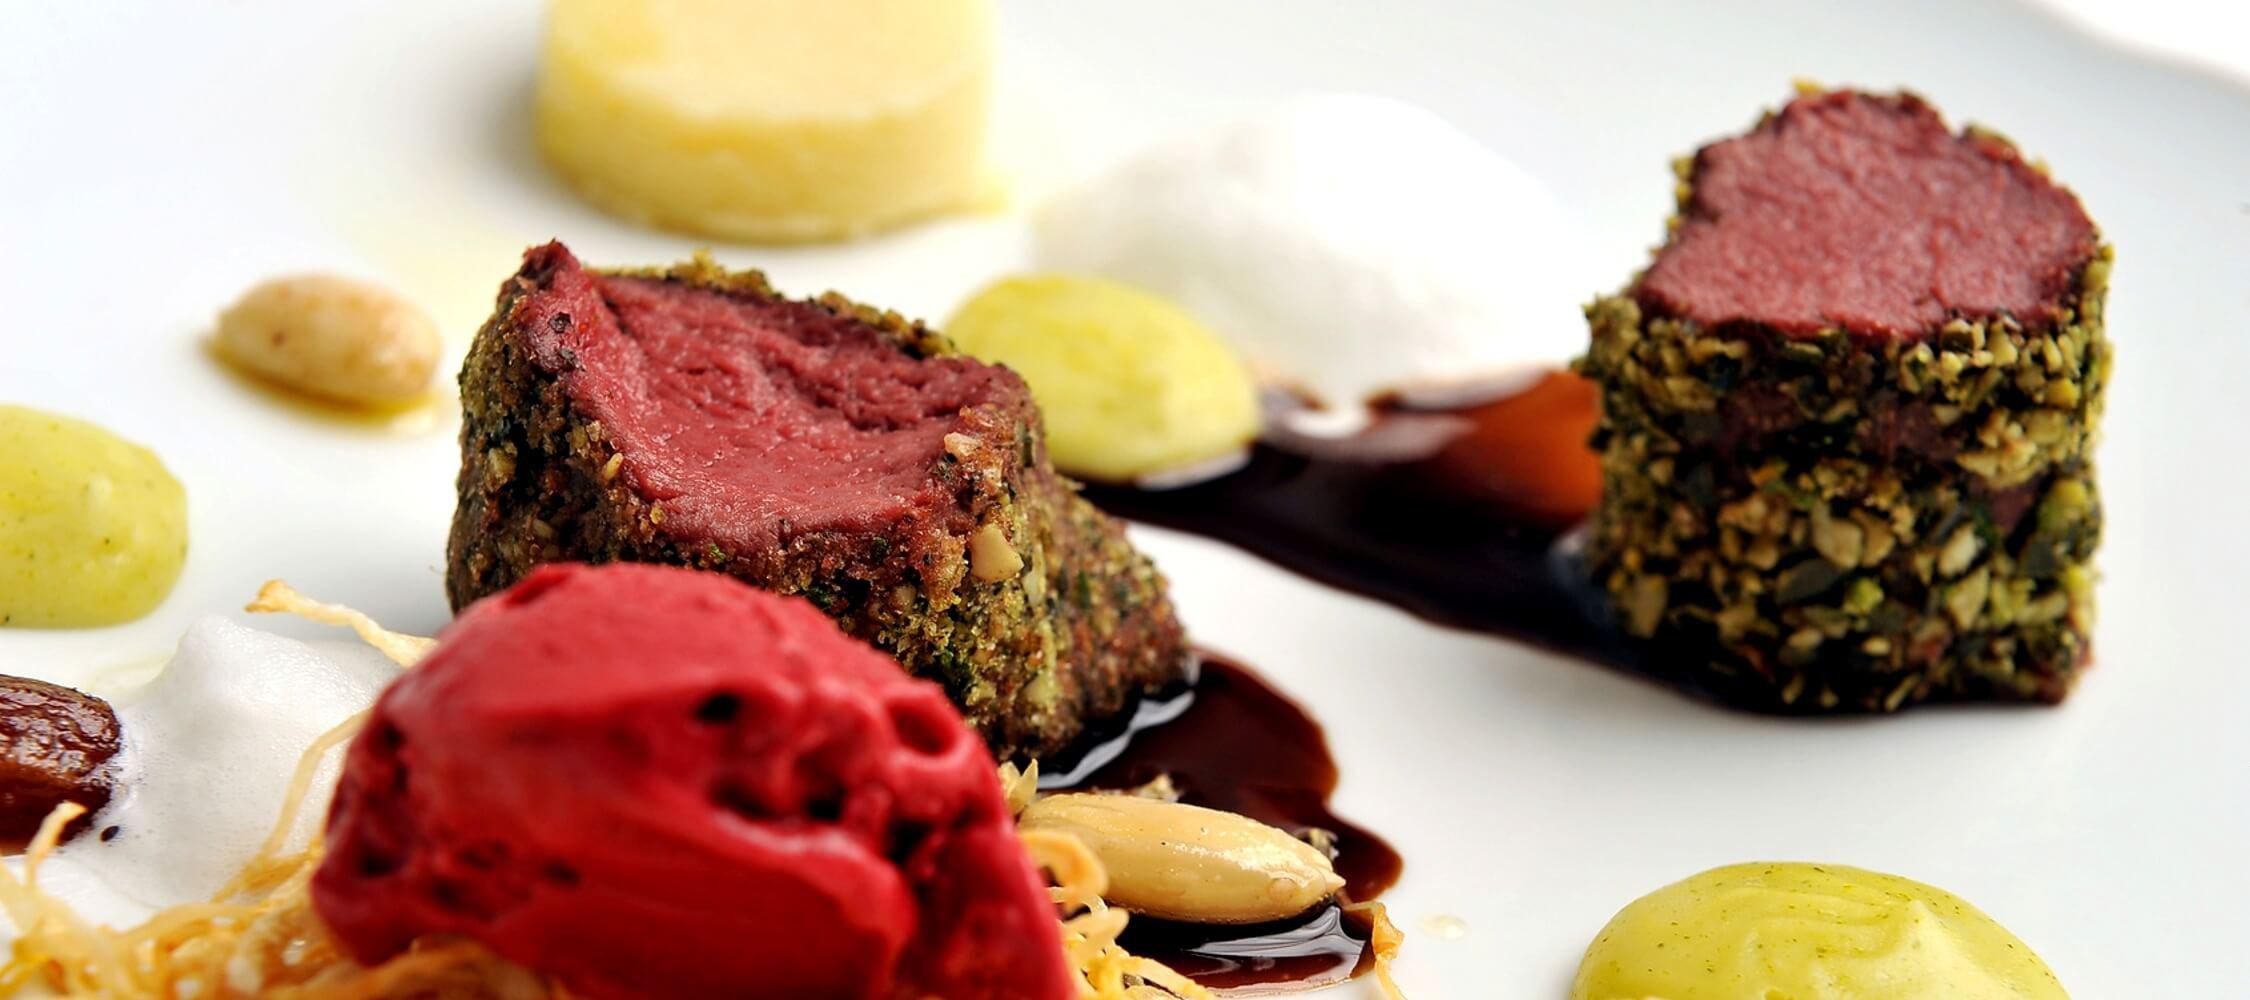 Restaurant_Tapas_Bar_The_Gallery_City_Hotel_Merano_Essen_Fleisch_Hauptspeise_Dinner_Abend_Menu_52268861_2250x1000